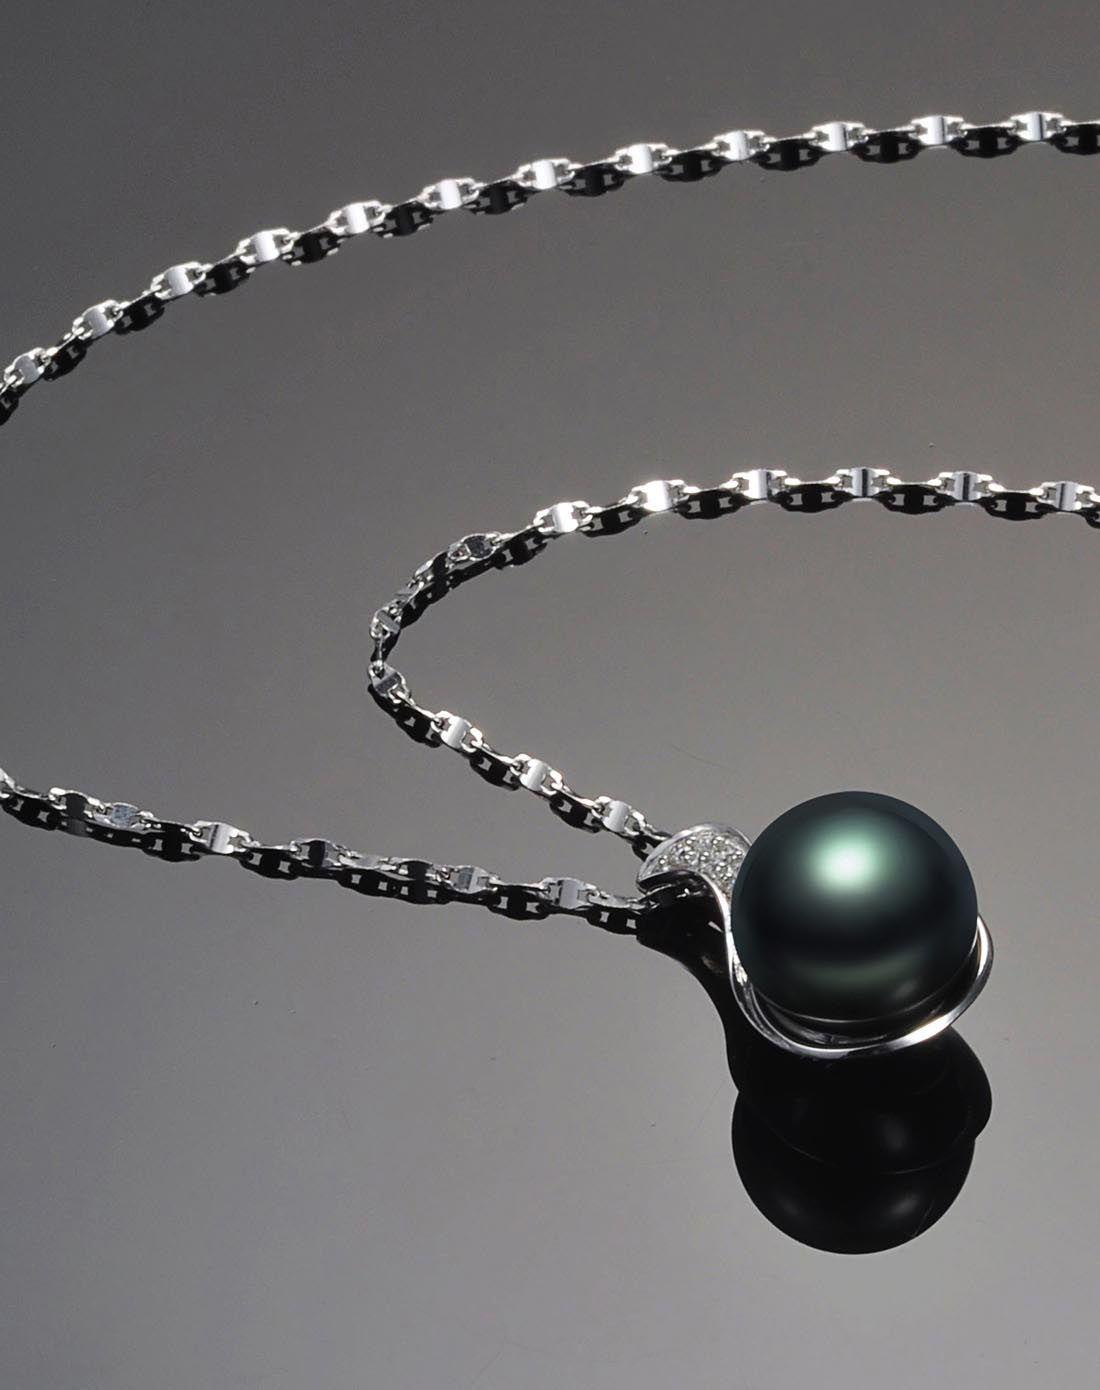 天然珍珠和仿制珍珠有什么区别?